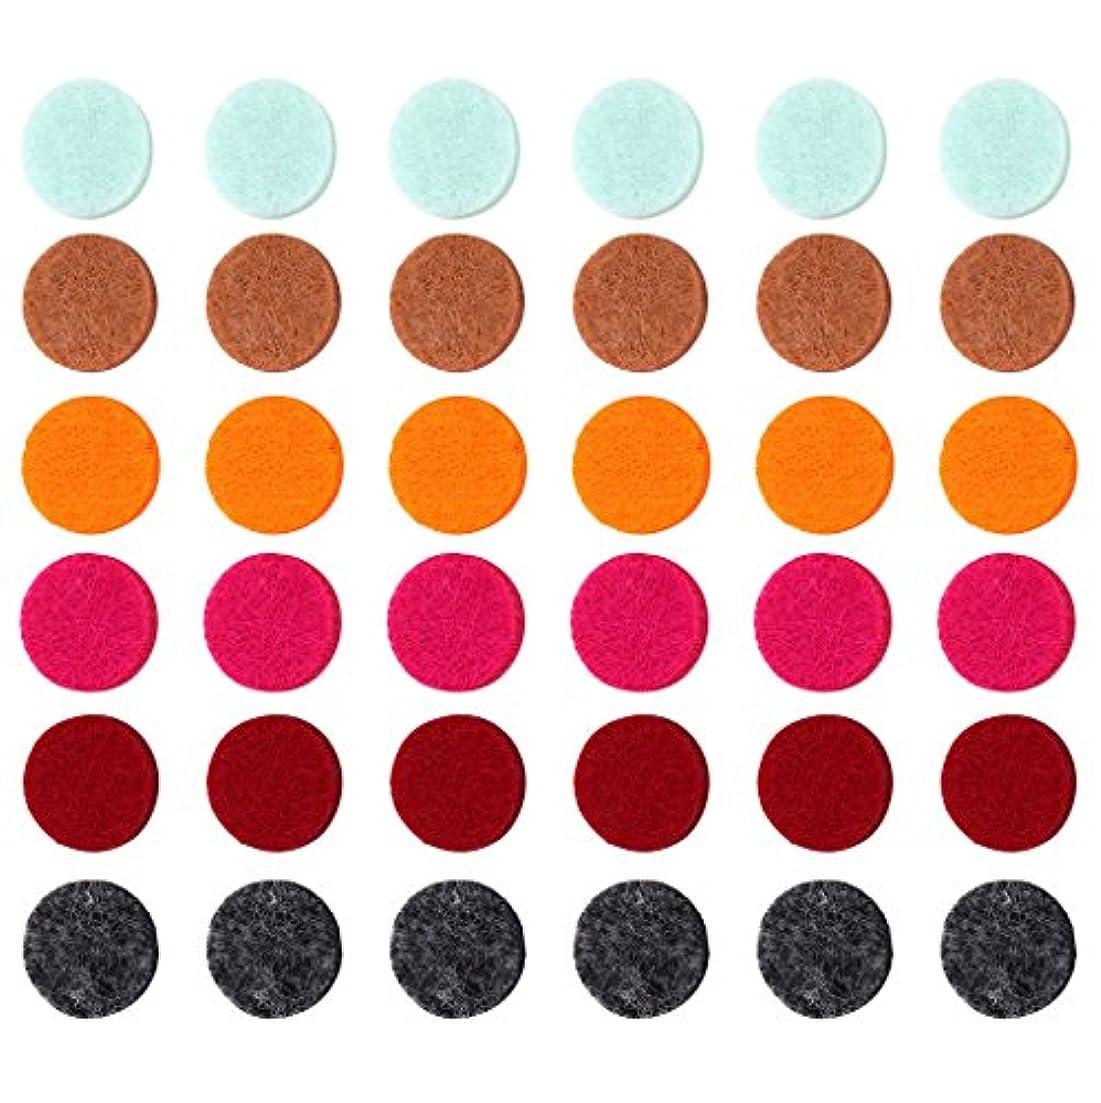 マーキー大事にする元に戻すZYsta 36個Refill Pads for Aromatherapy Essential Oil Diffuserロケットネックレス、交換用パッド: Thickened/洗濯可能/高吸水性のアロマディフューザーペンダント